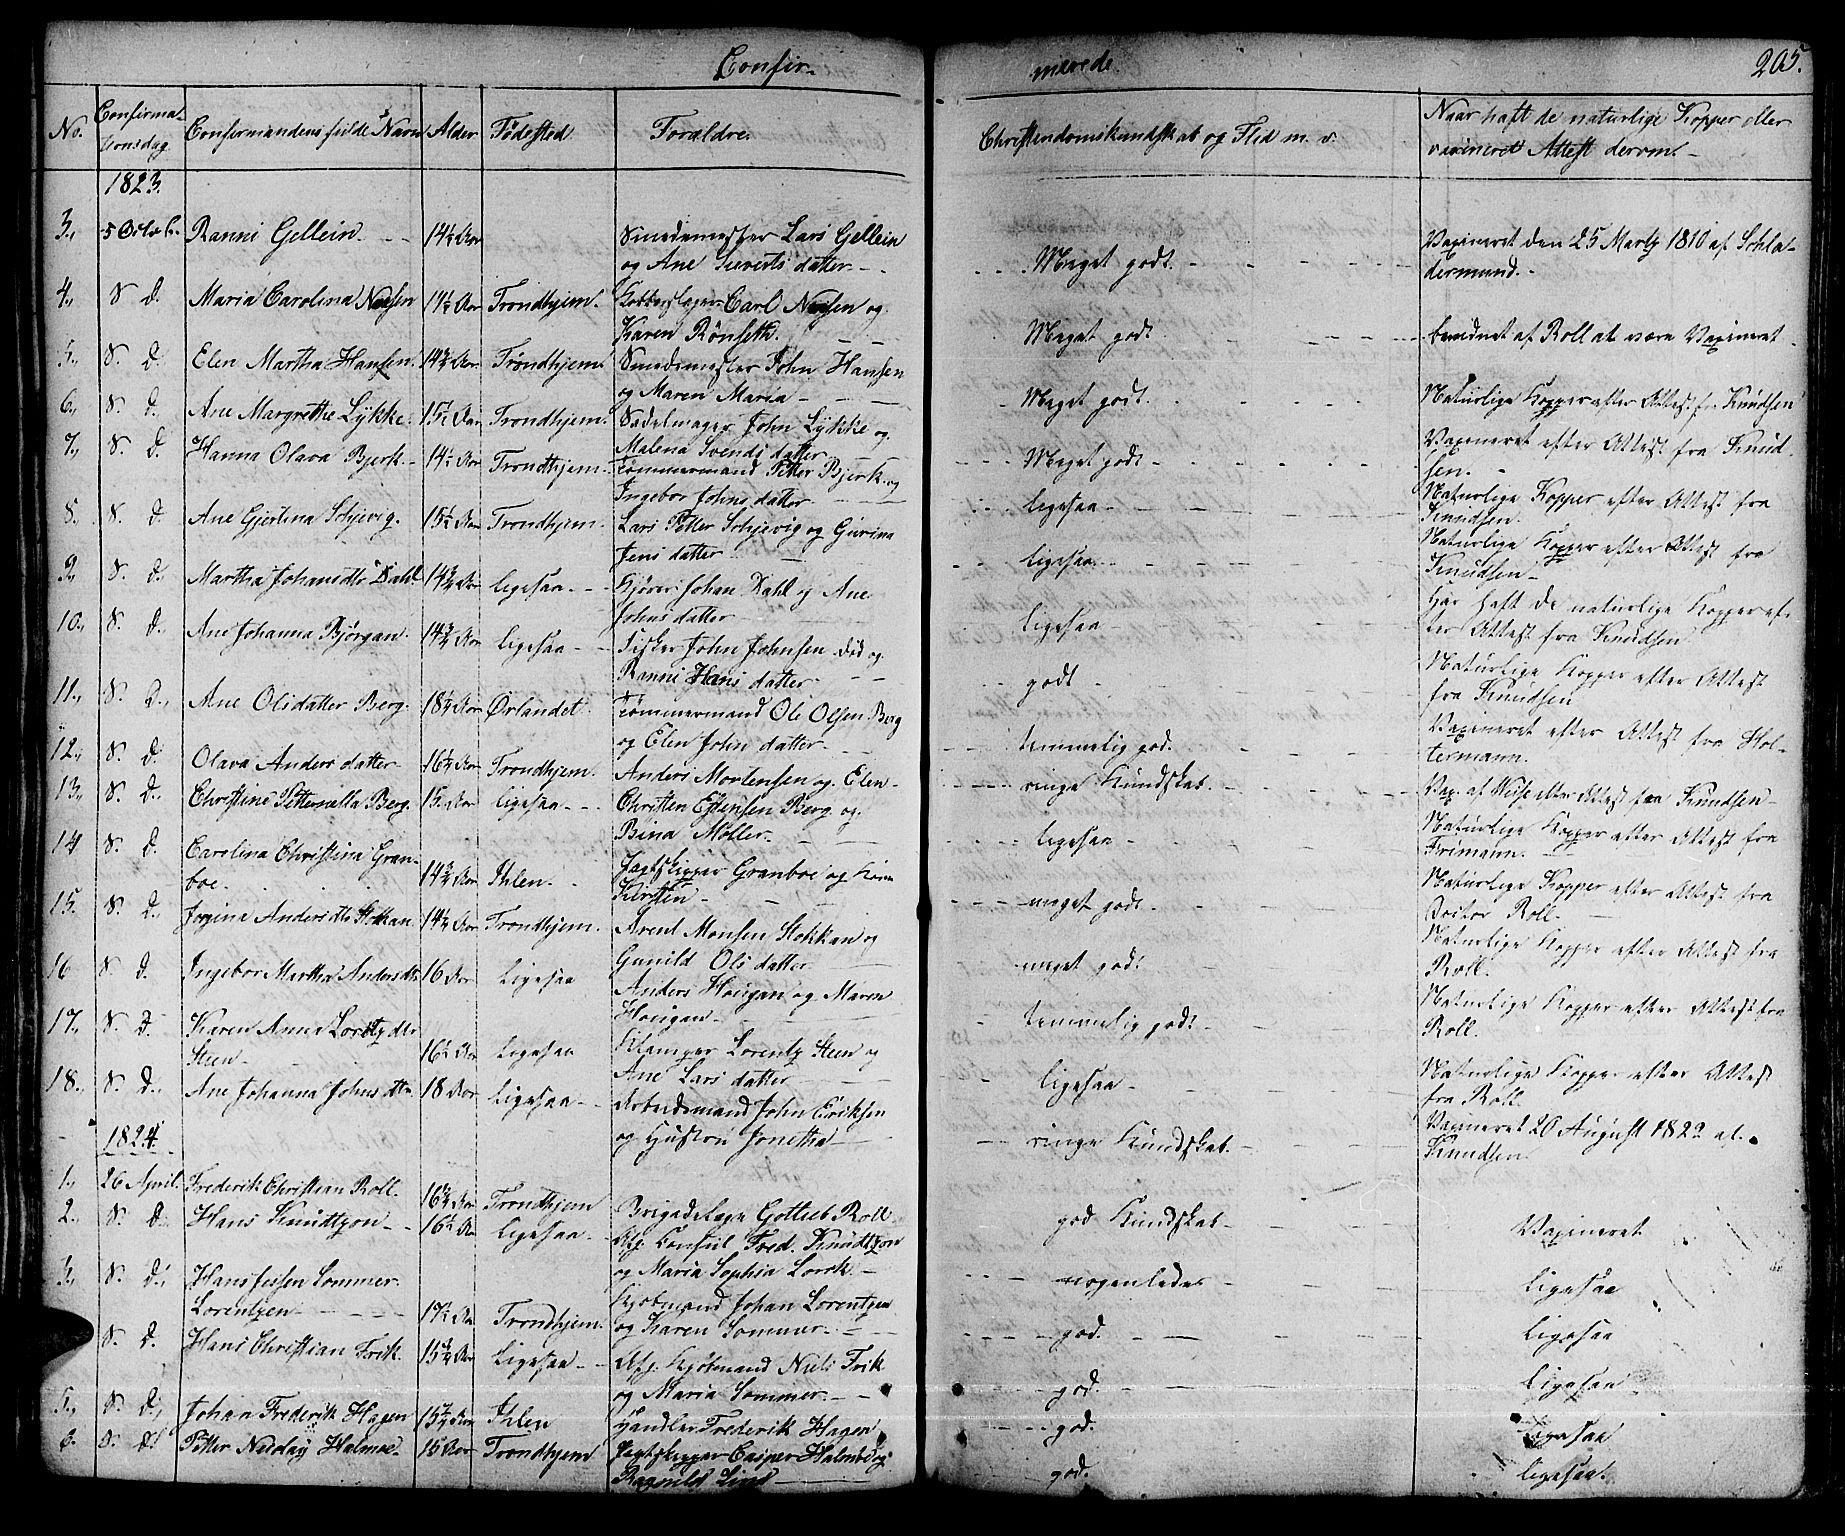 SAT, Ministerialprotokoller, klokkerbøker og fødselsregistre - Sør-Trøndelag, 601/L0045: Ministerialbok nr. 601A13, 1821-1831, s. 205